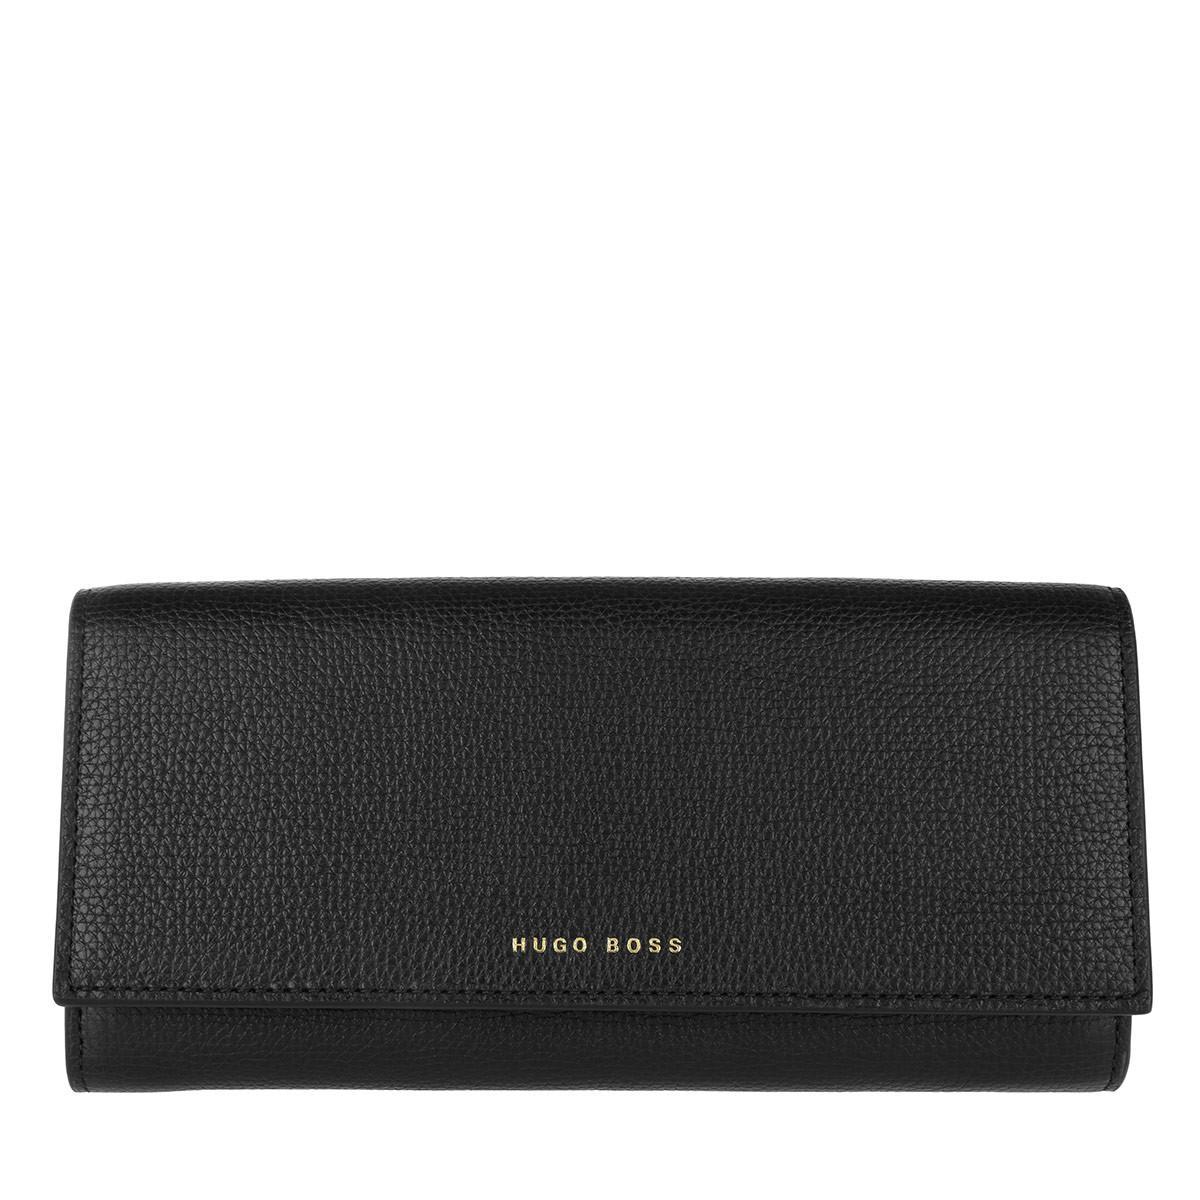 Womens Mayfair Continental Wallet HUGO BOSS X82u0msmH5